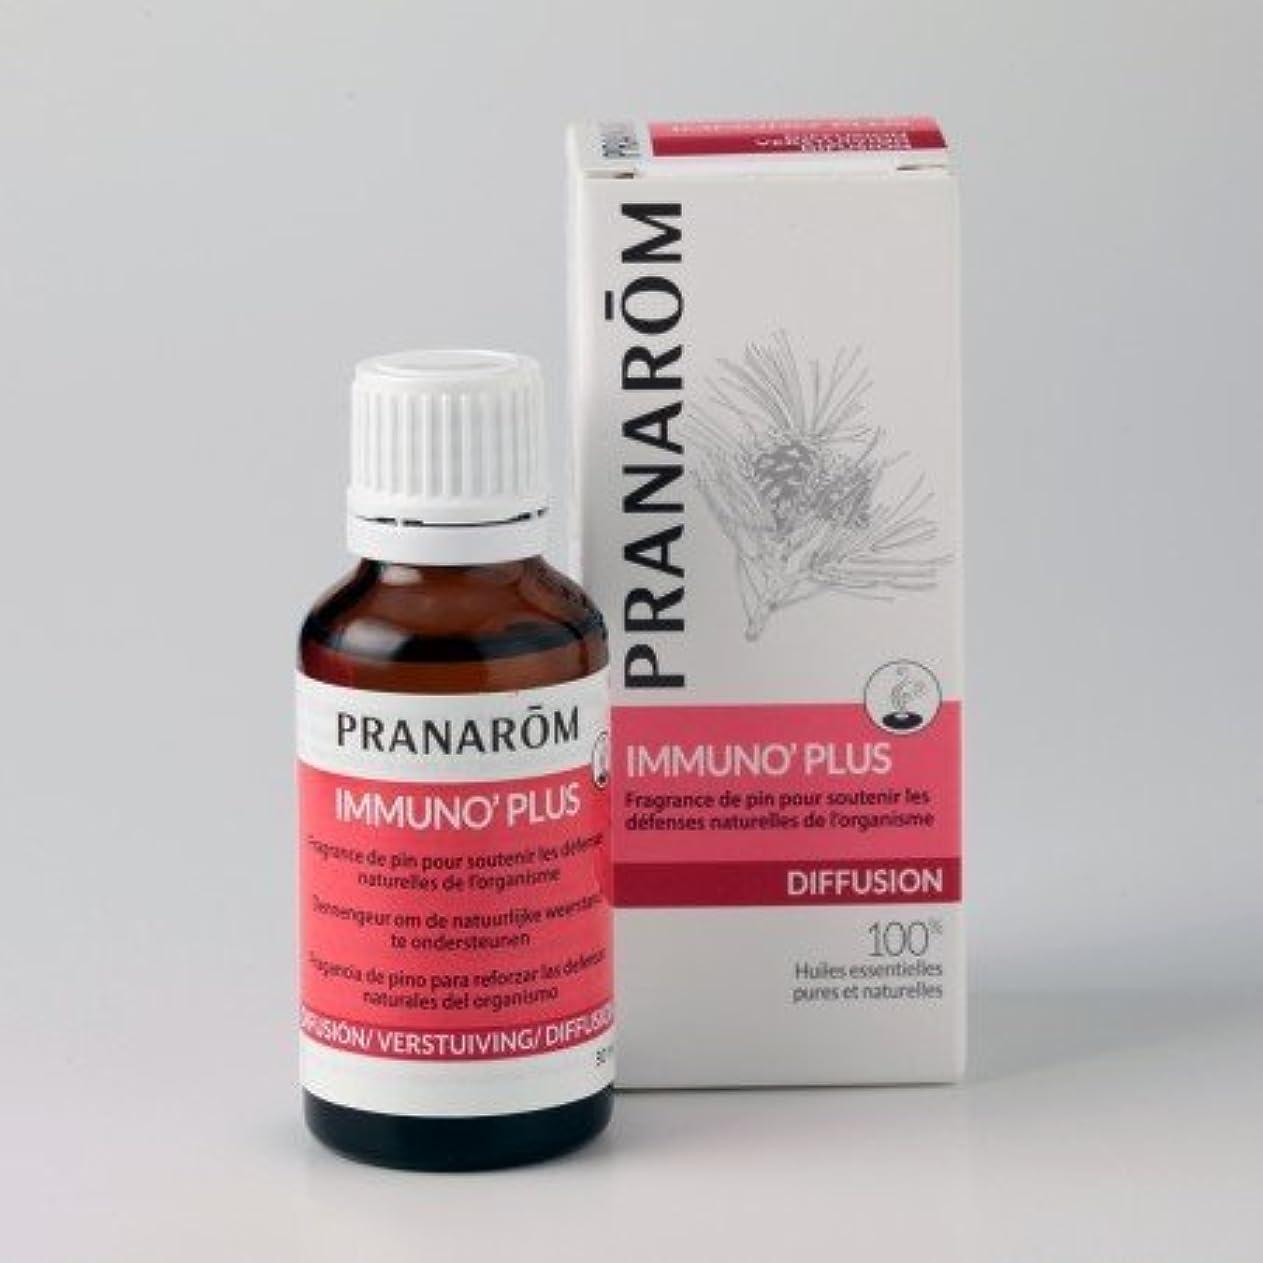 マイナス敏感なラショナルプラナロム (PRANAROM) ルームコロン パワーアップ&チアアップ イミュノプラス 30ml 02589 エアフレッシュナー (芳香剤)